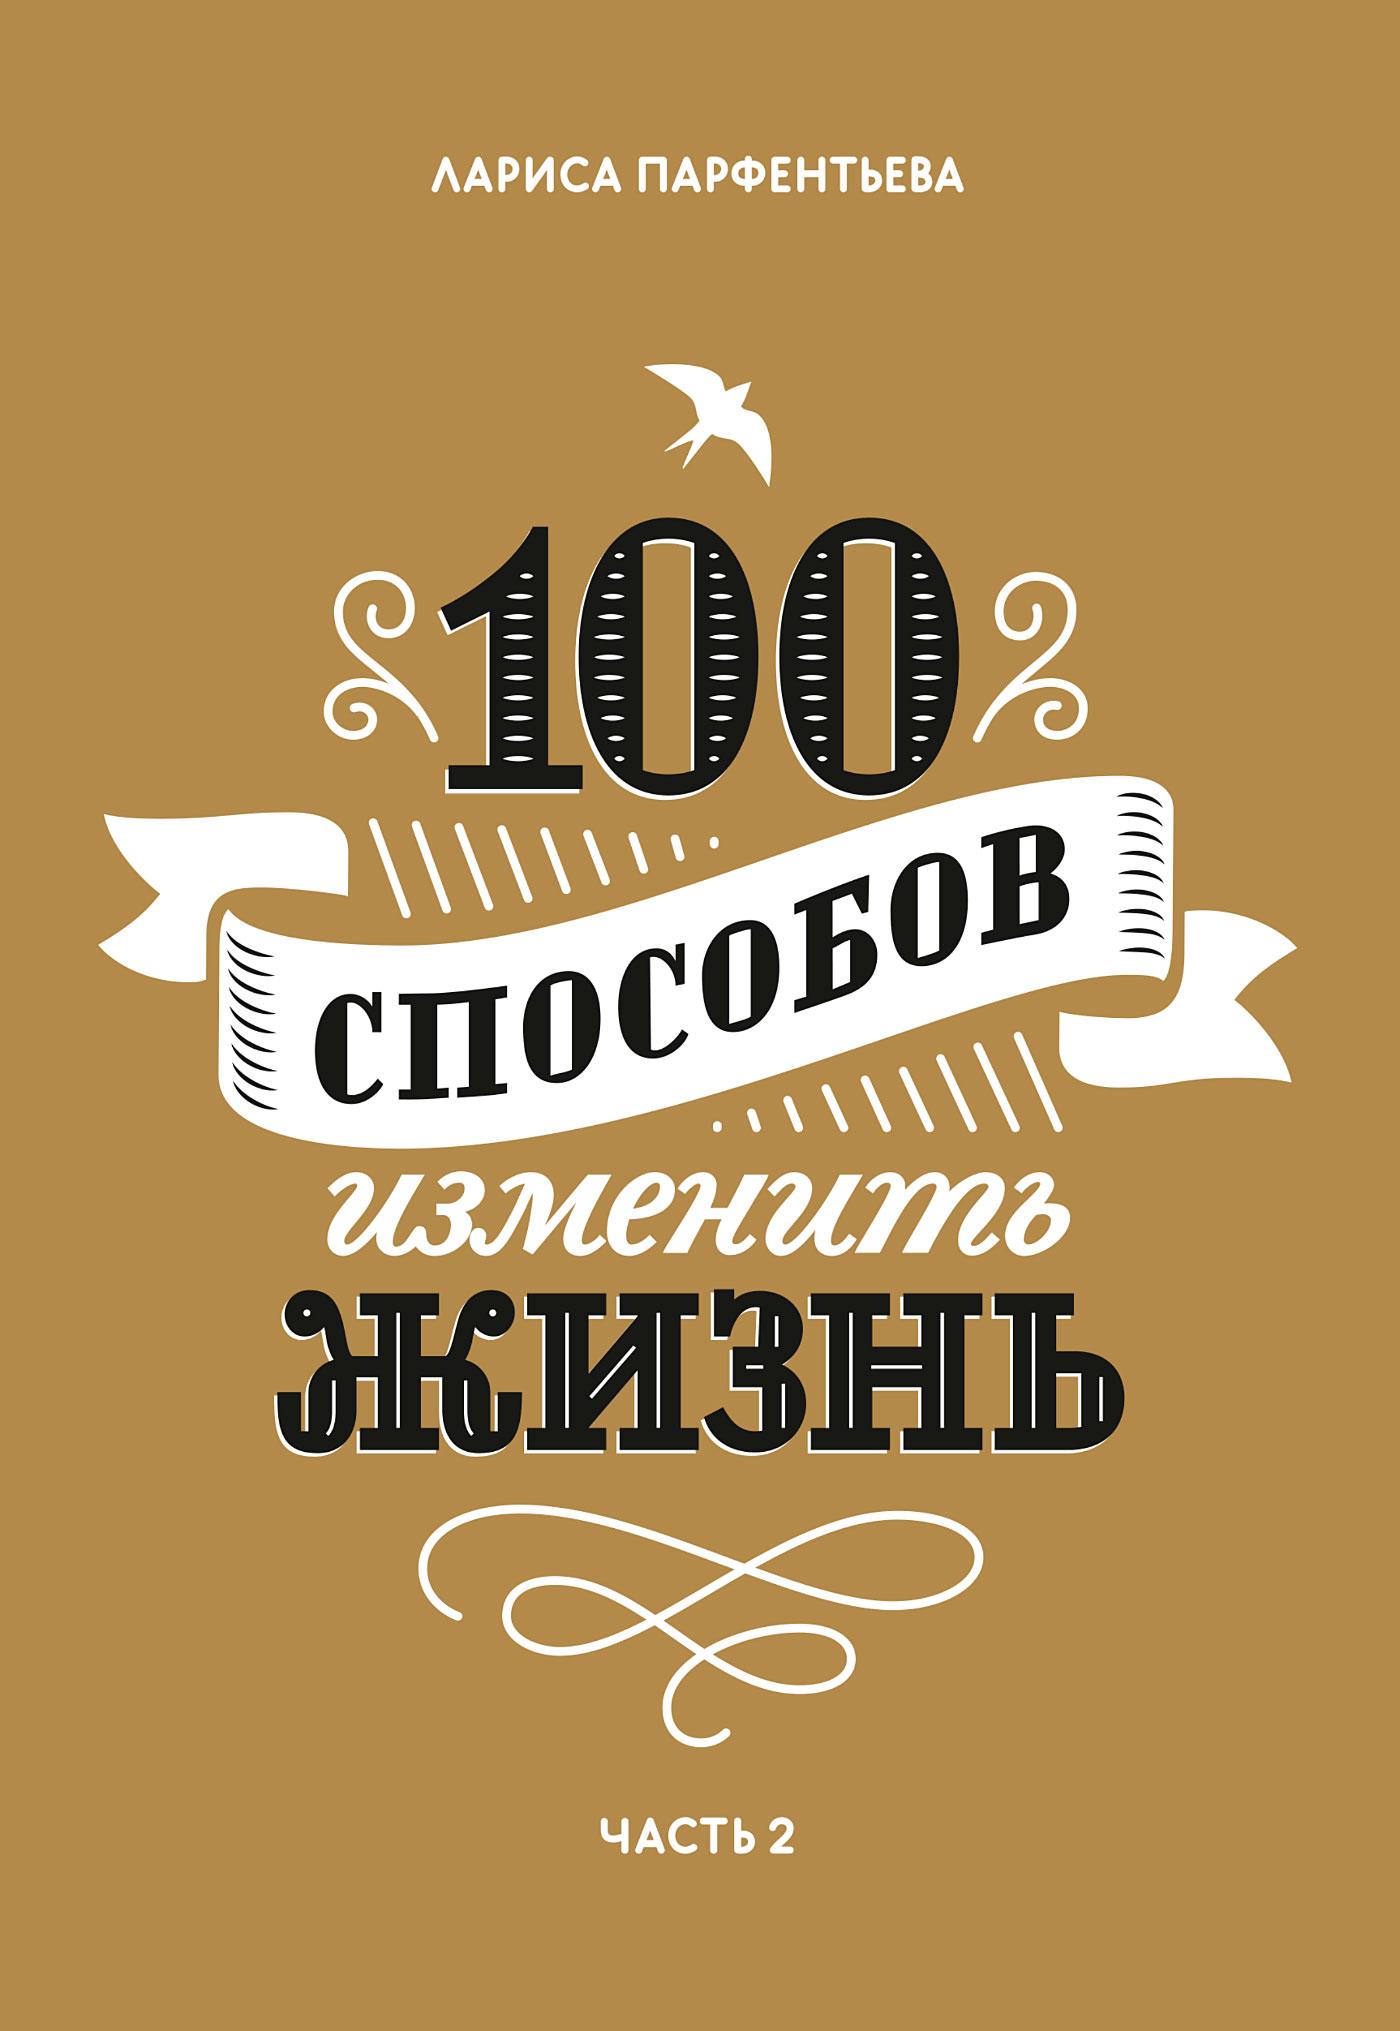 Лариса Парфентьева 100 способов изменить жизнь. Часть 2 100 способов изменить жизнь часть вторая